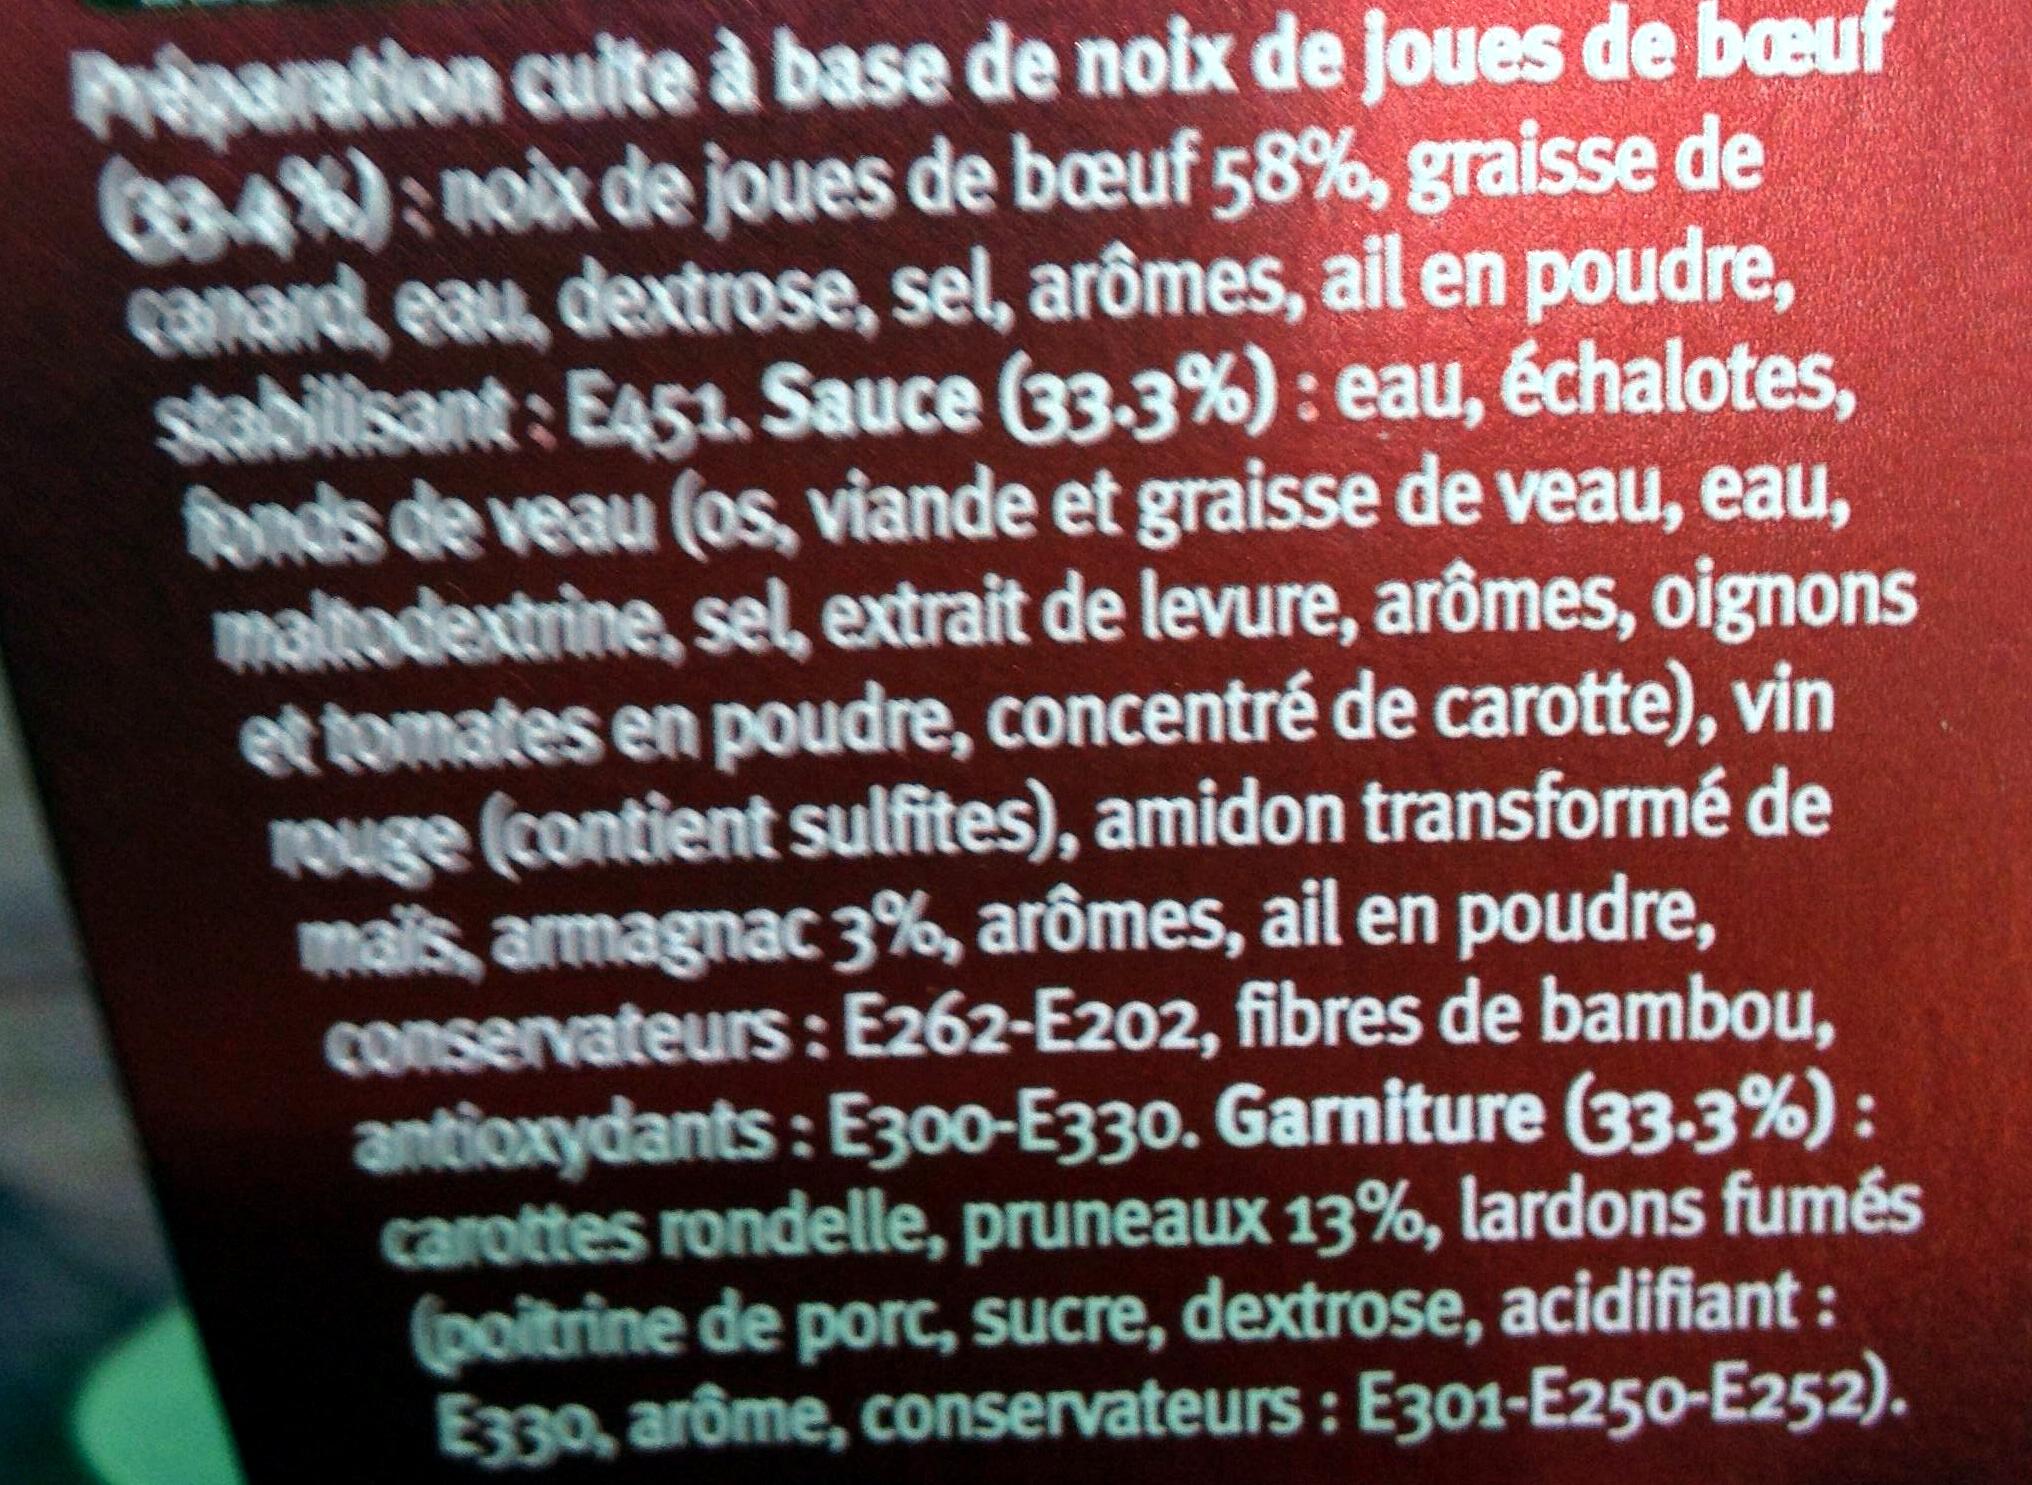 Mijoté au boeuf & pruneaux sauce à l'Armagnac - Ingredients